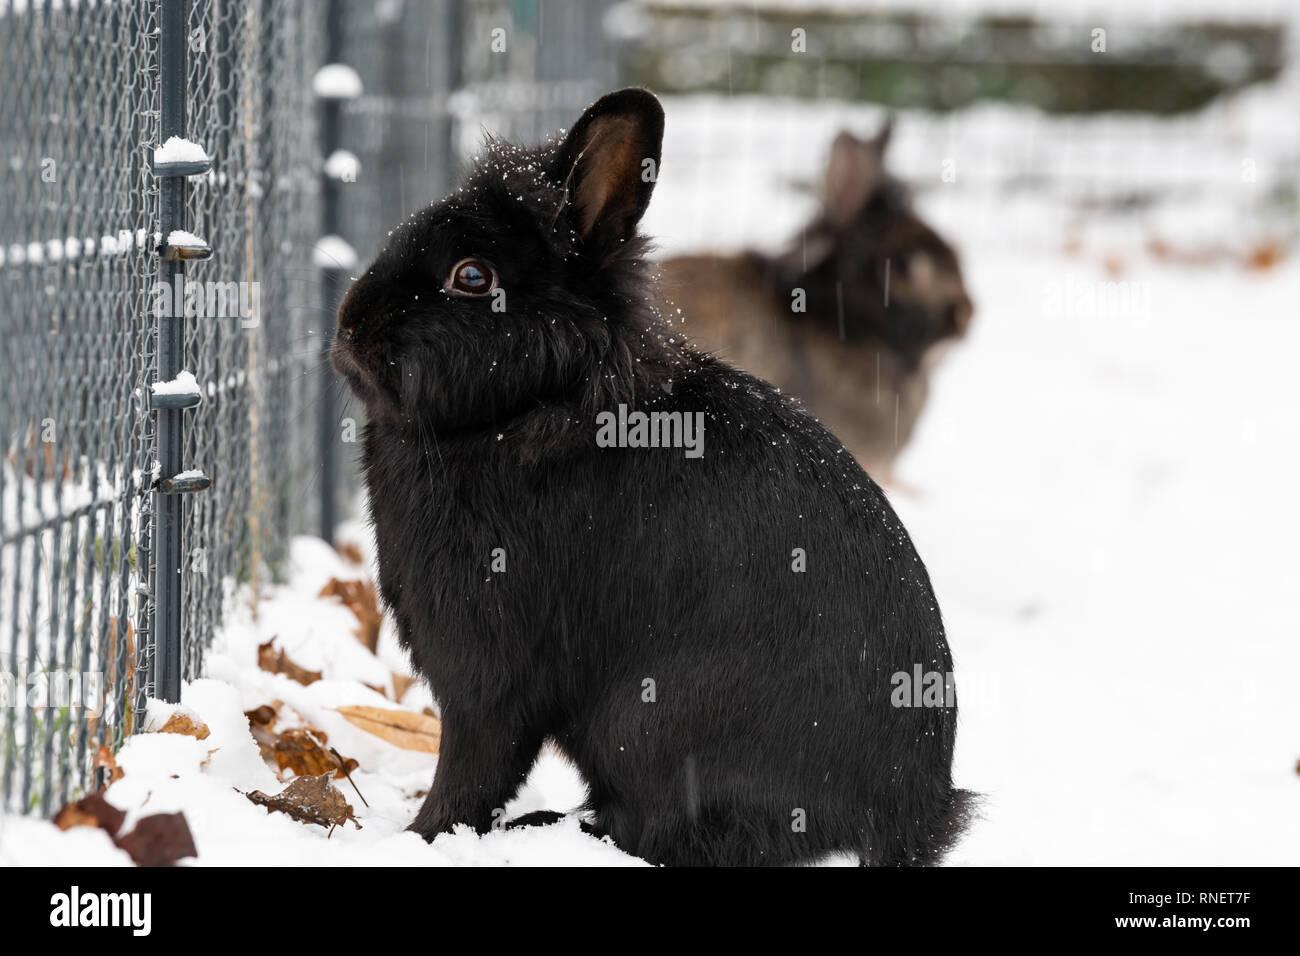 Ein schwarzer Zwerg Kaninchen (löwenkopf) sitzen im Schnee Stockfoto